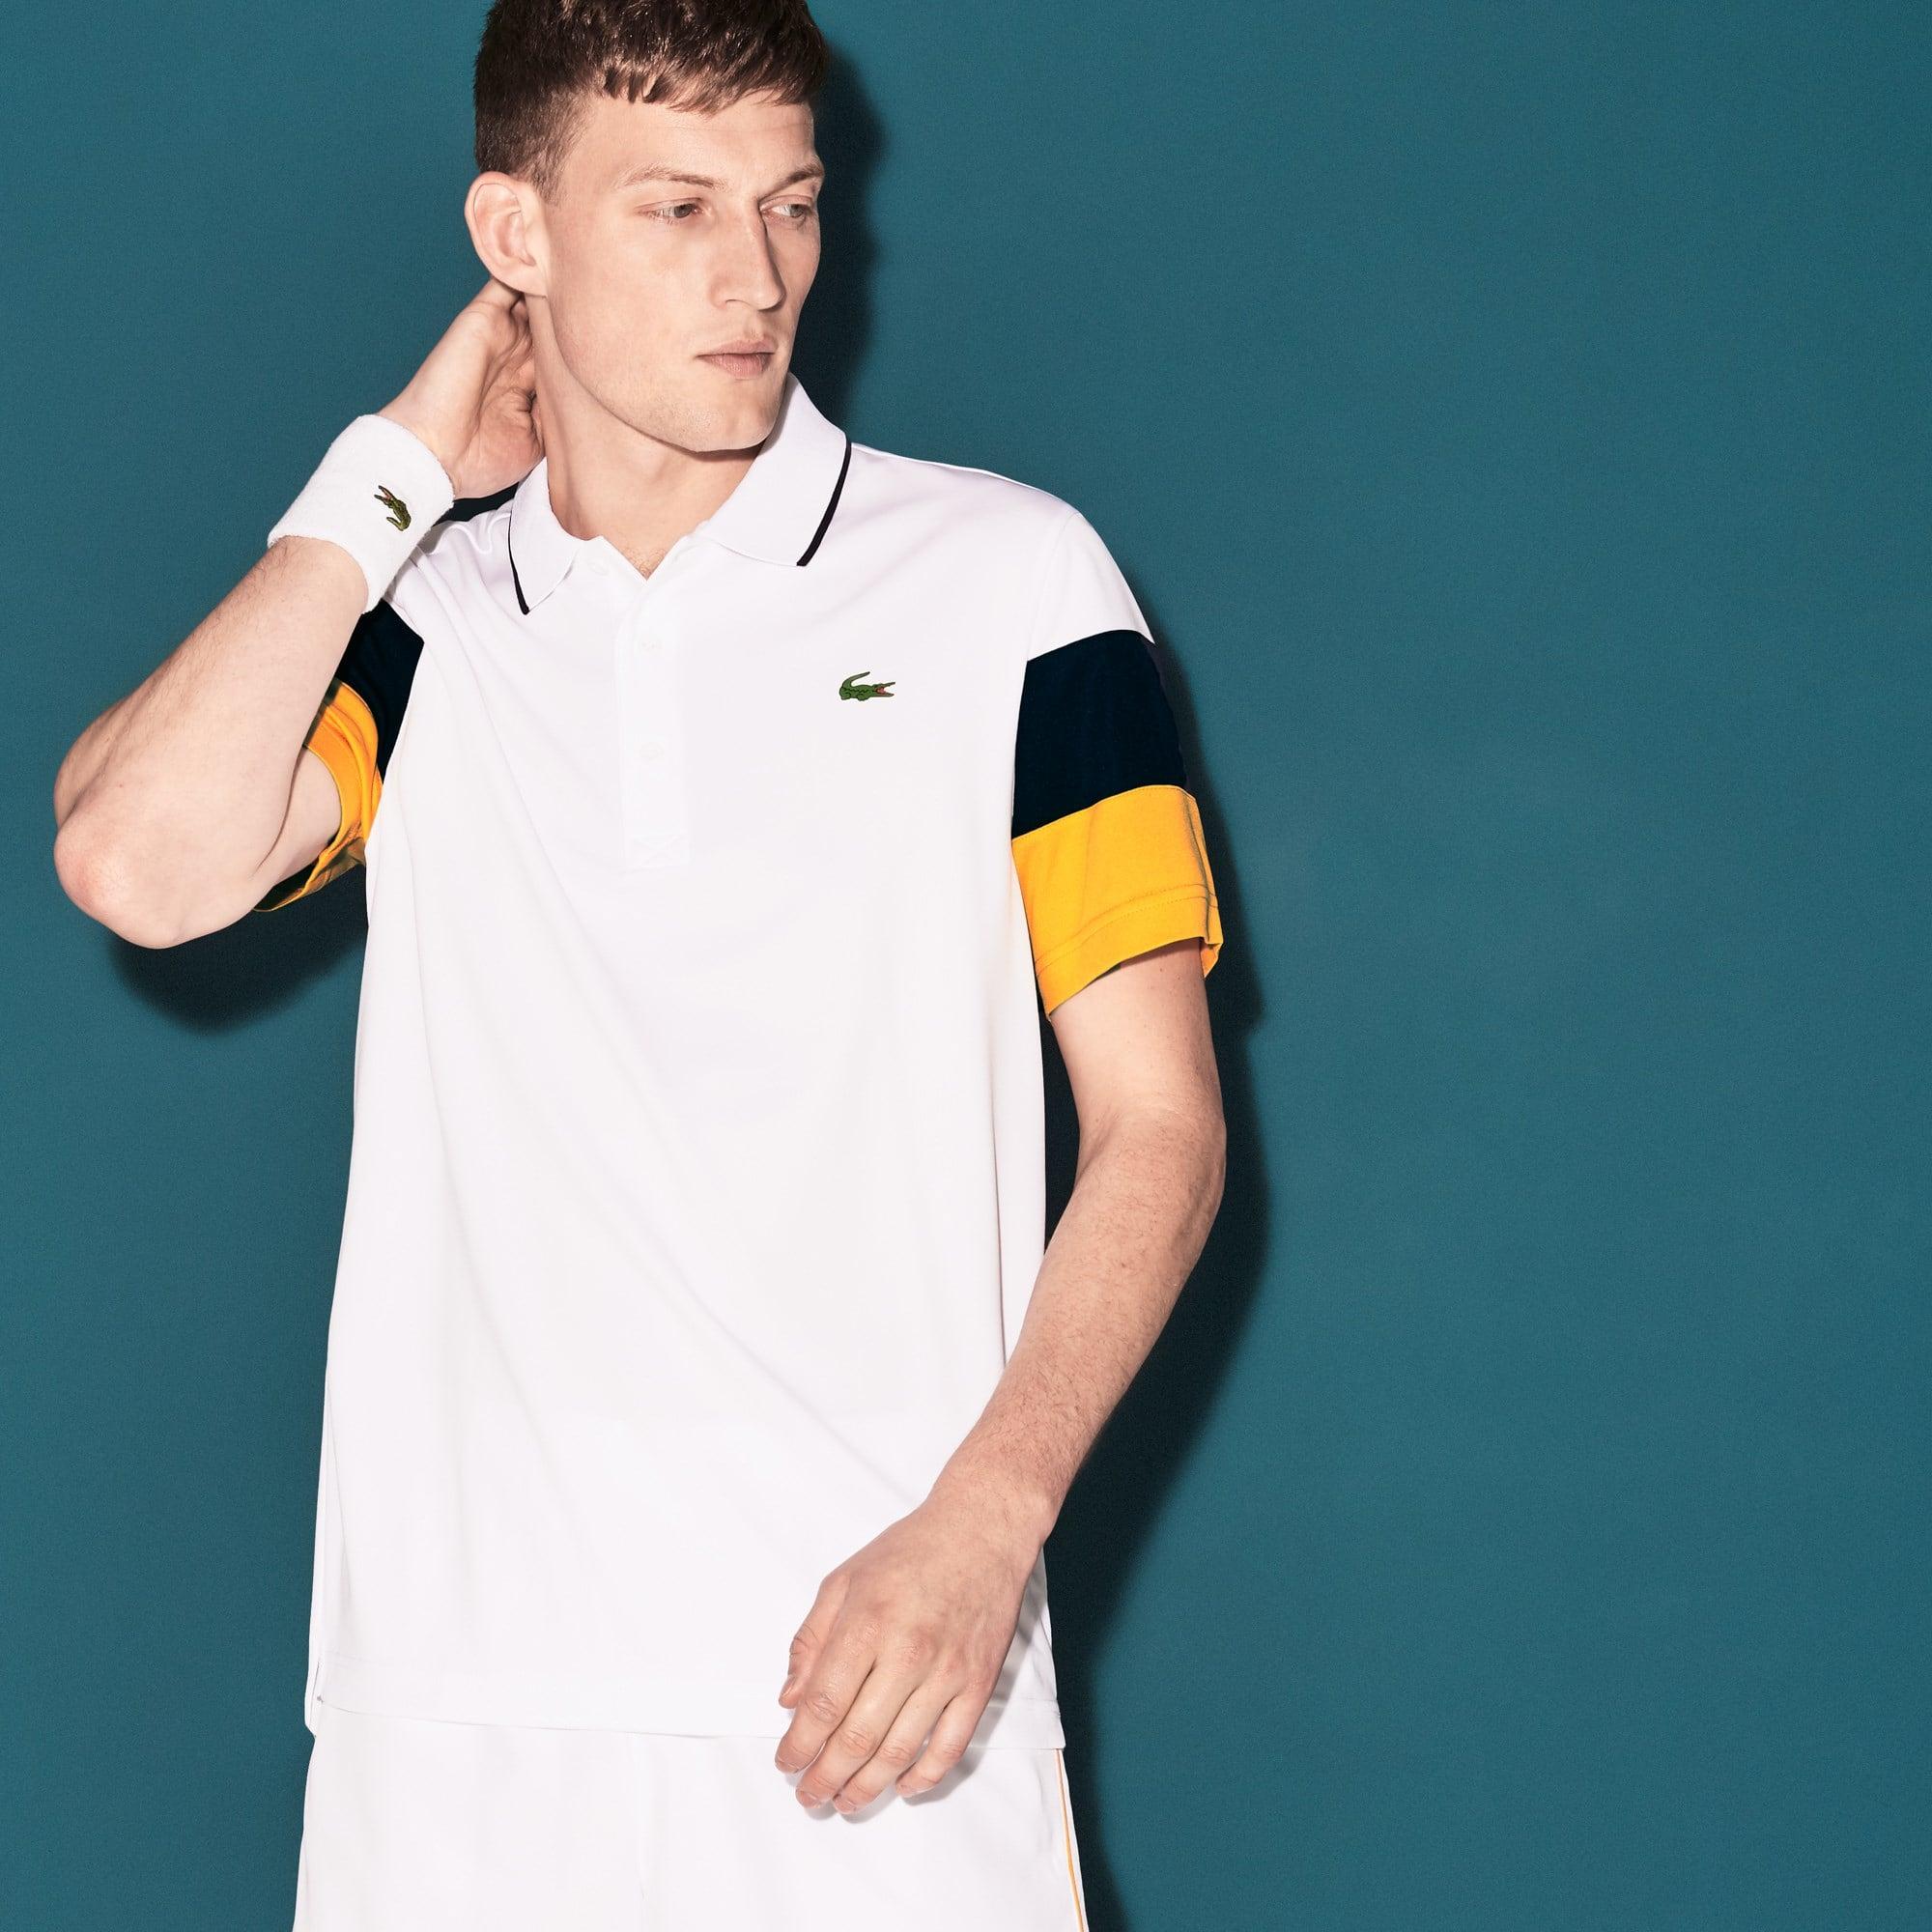 Herren LACOSTE SPORT Poloshirt mit Colorblock Ärmeln